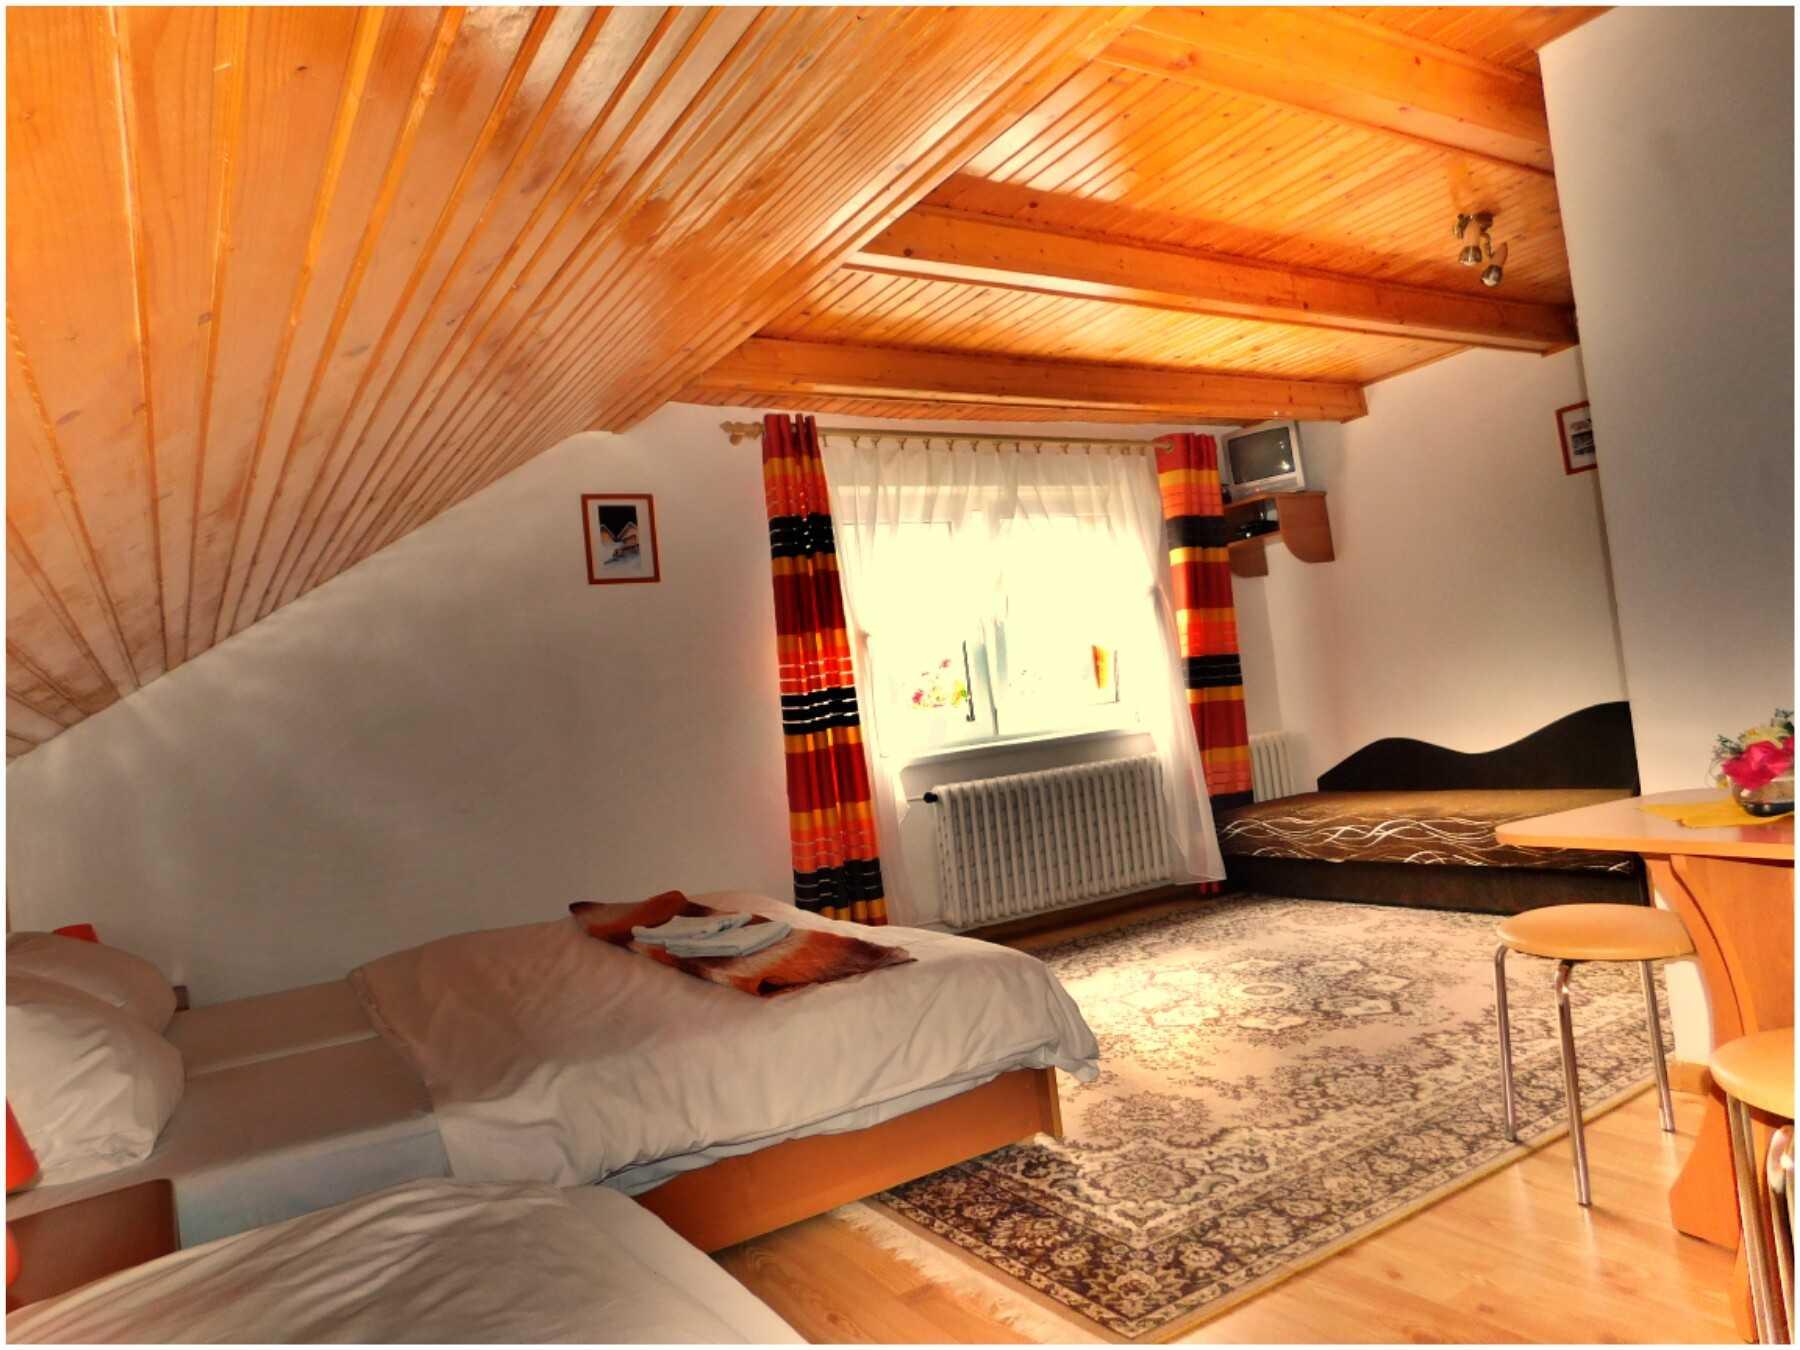 strednica-ubytovanie-penzion-zorhill-zdiar-106-02.jpg